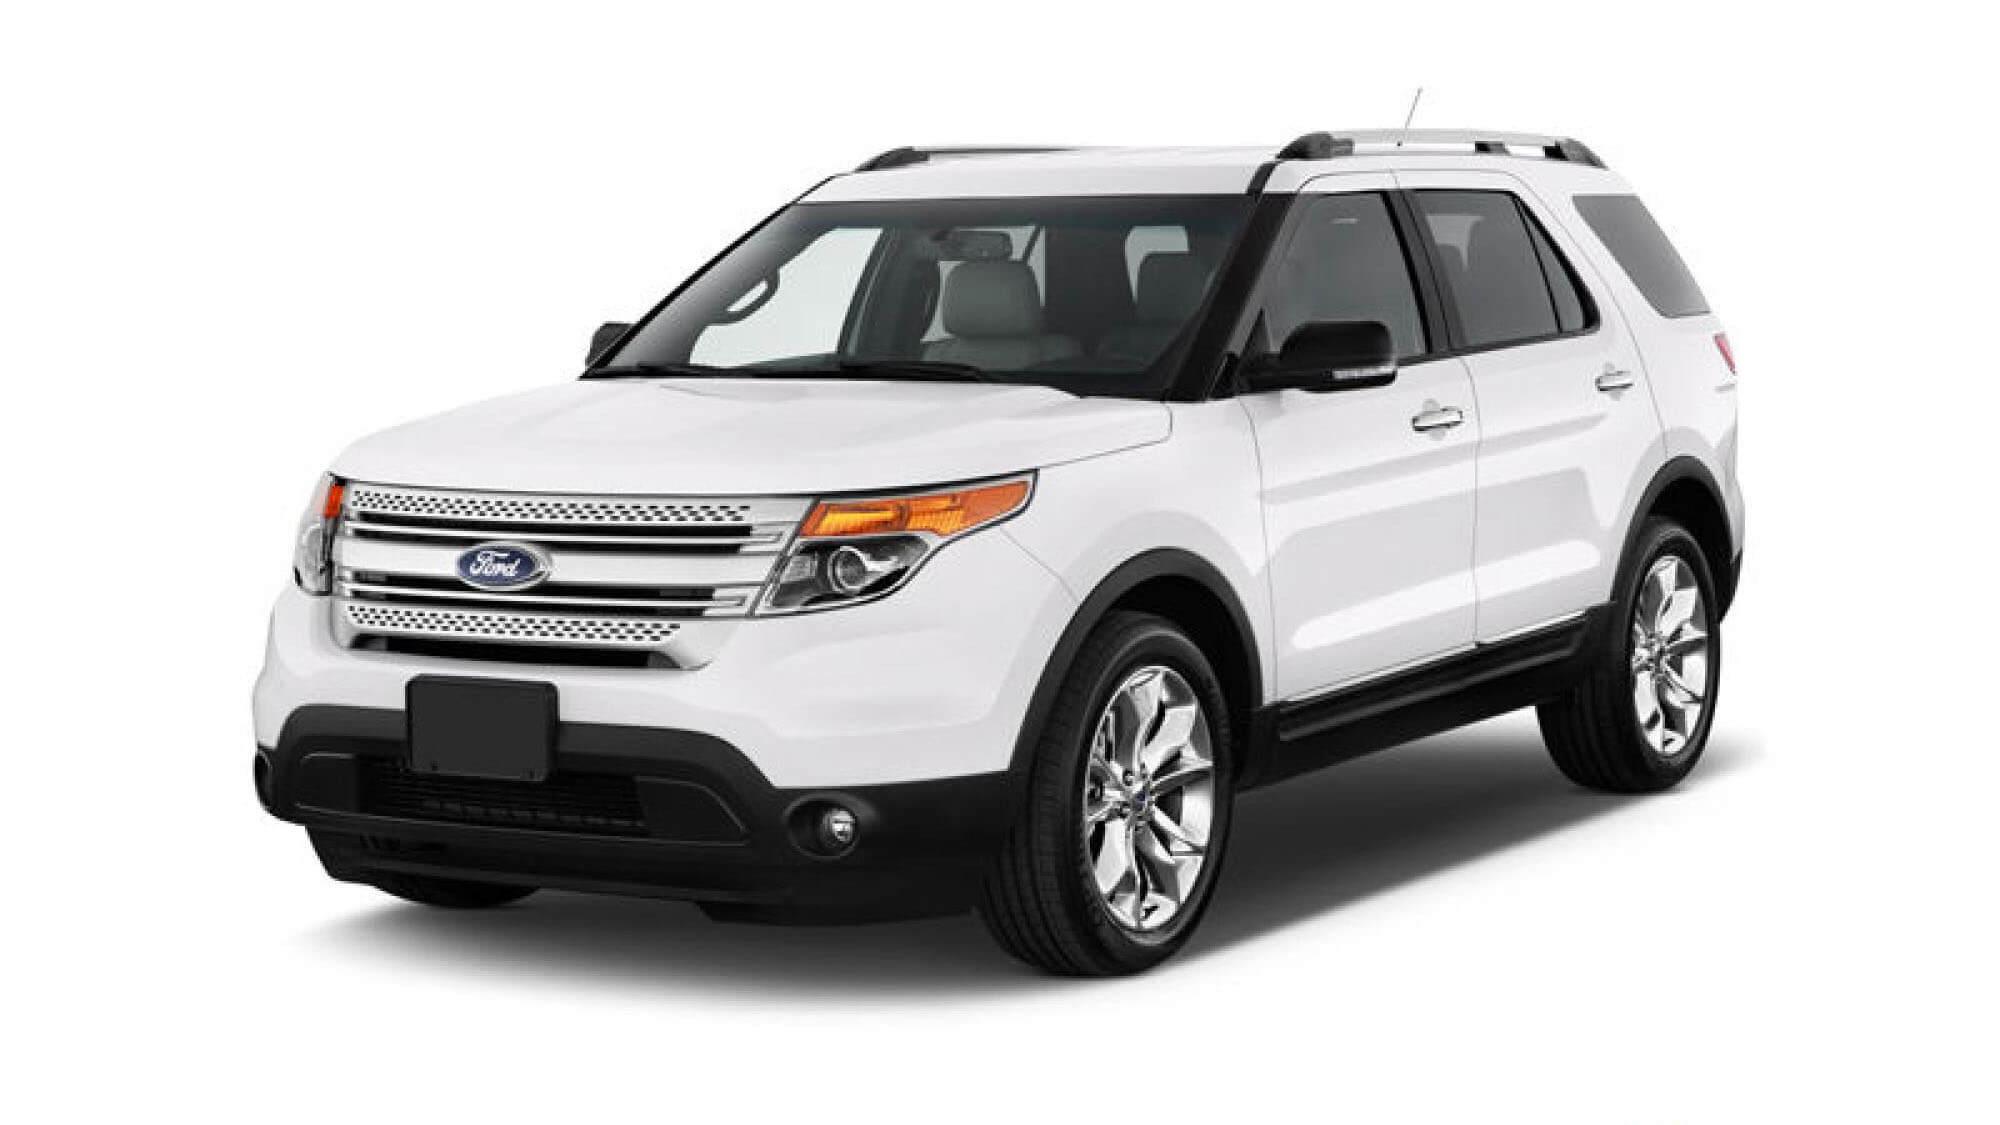 Ford Explorer 2014 model